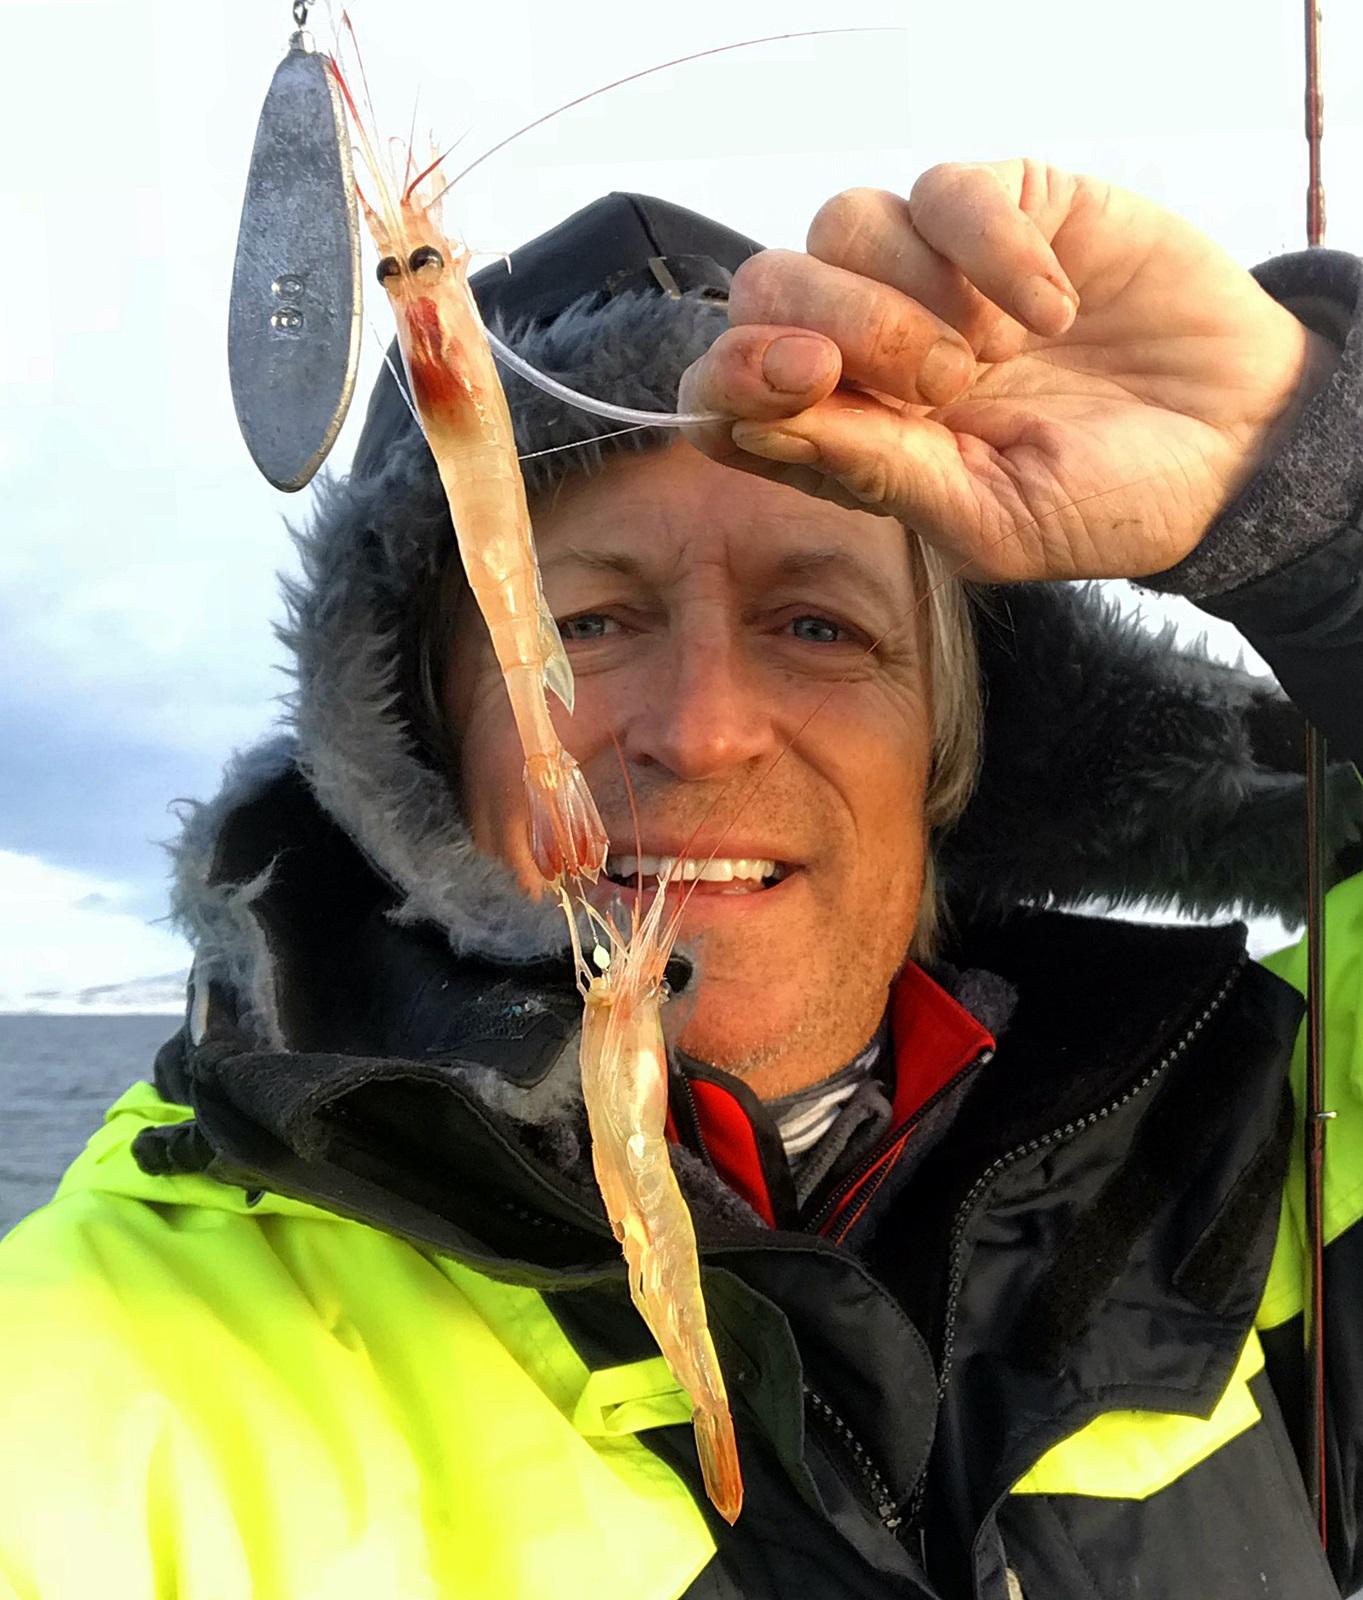 bifangst av polarreker, var vanlig, og kongekrabbe